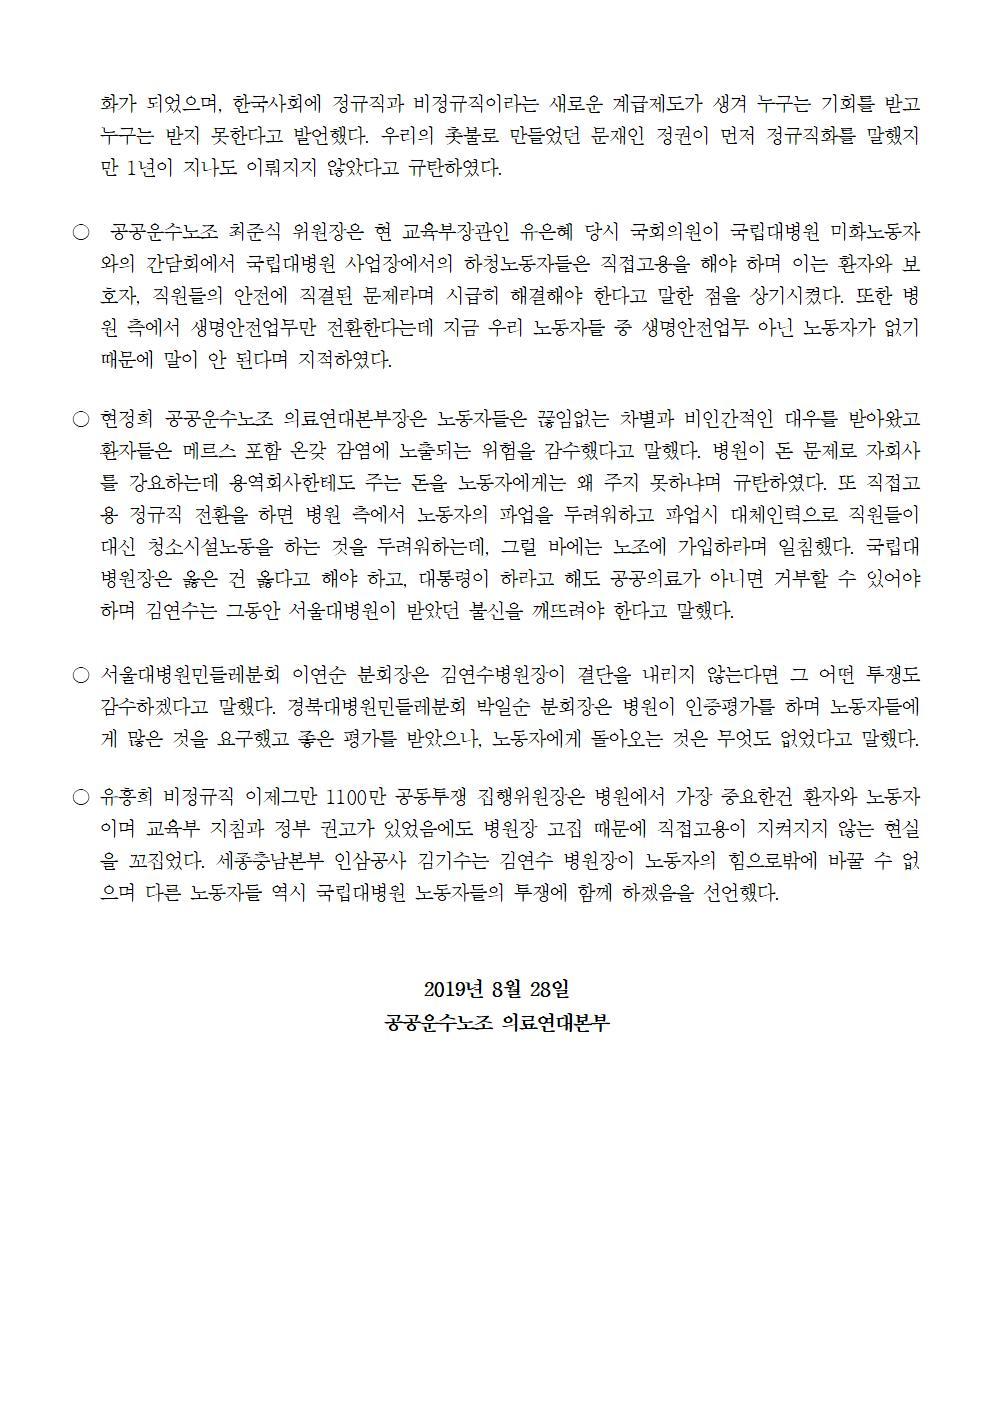 190829_[보도자료]서울대병원장결단촉구 공공운수노조결의대회002.jpg